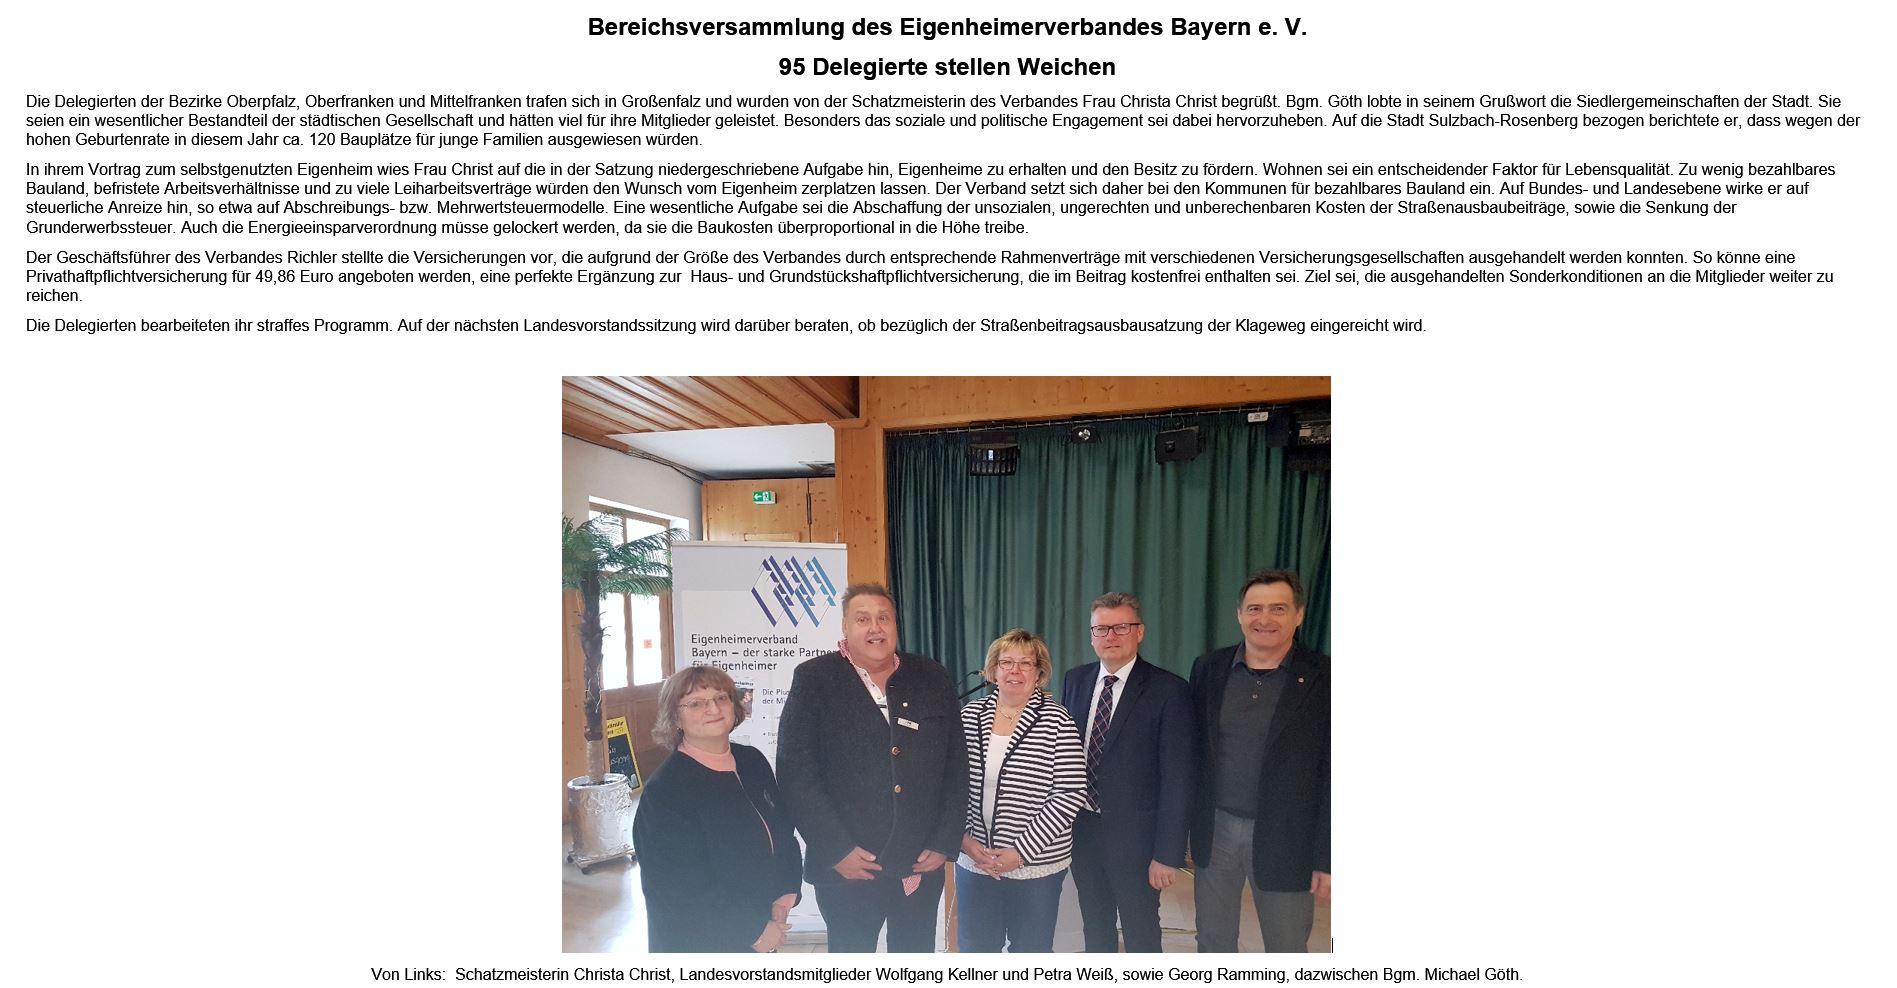 Schön Ziele Für Das Management Wieder Aufnehmen Galerie - Beispiel ...